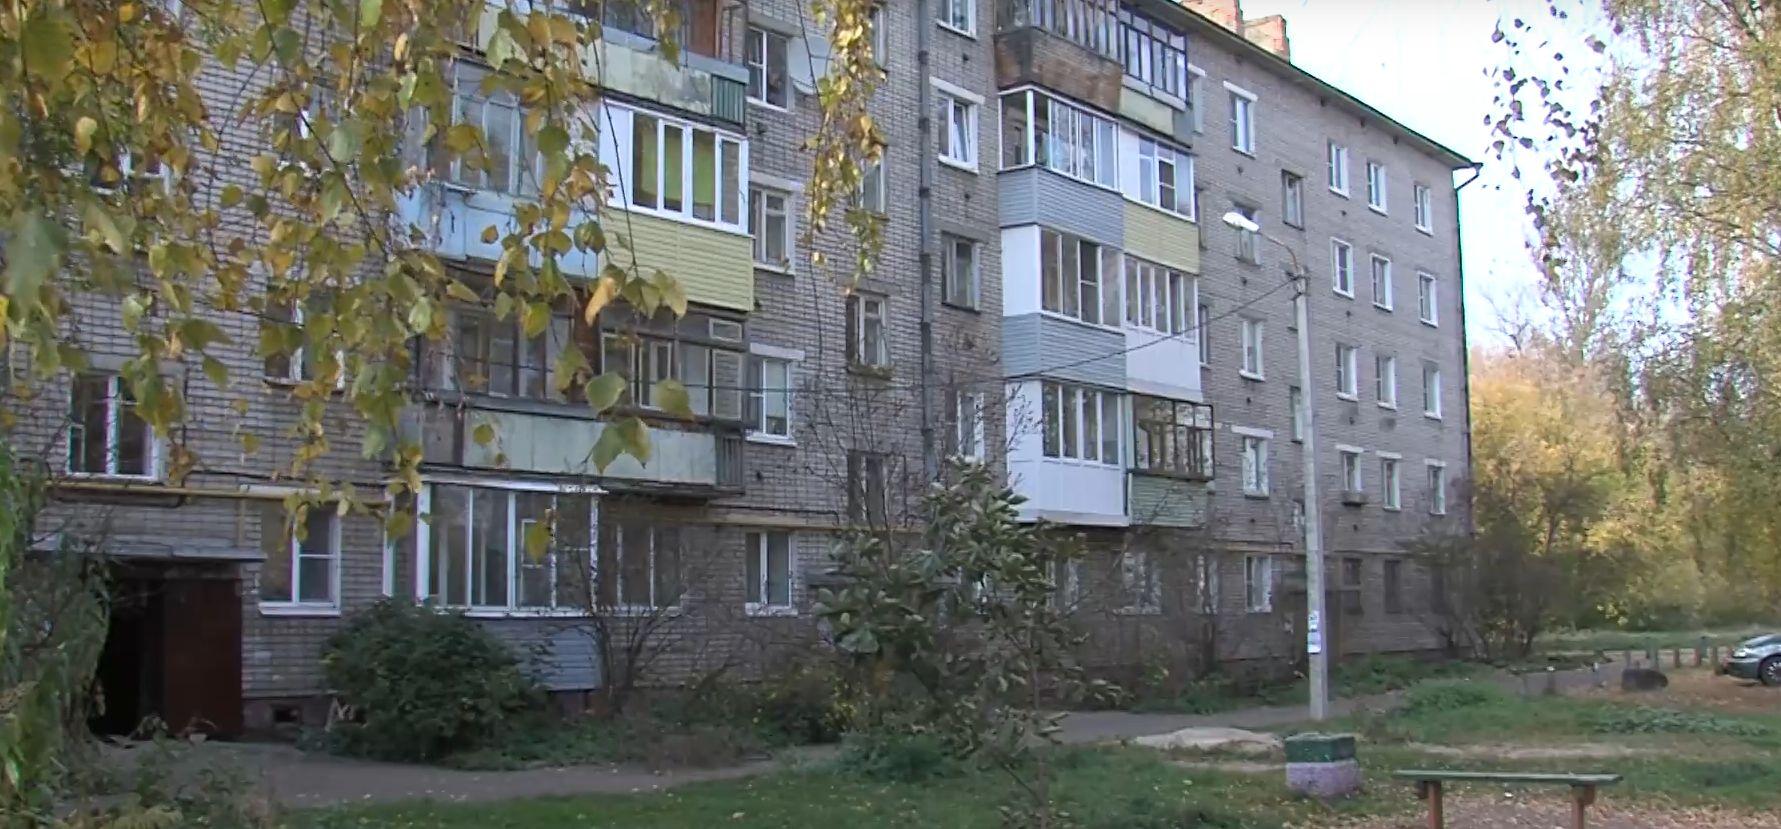 Управдом Заволжского района использует современную электролабораторию для обследования инженерных сетей многоквартирных домов